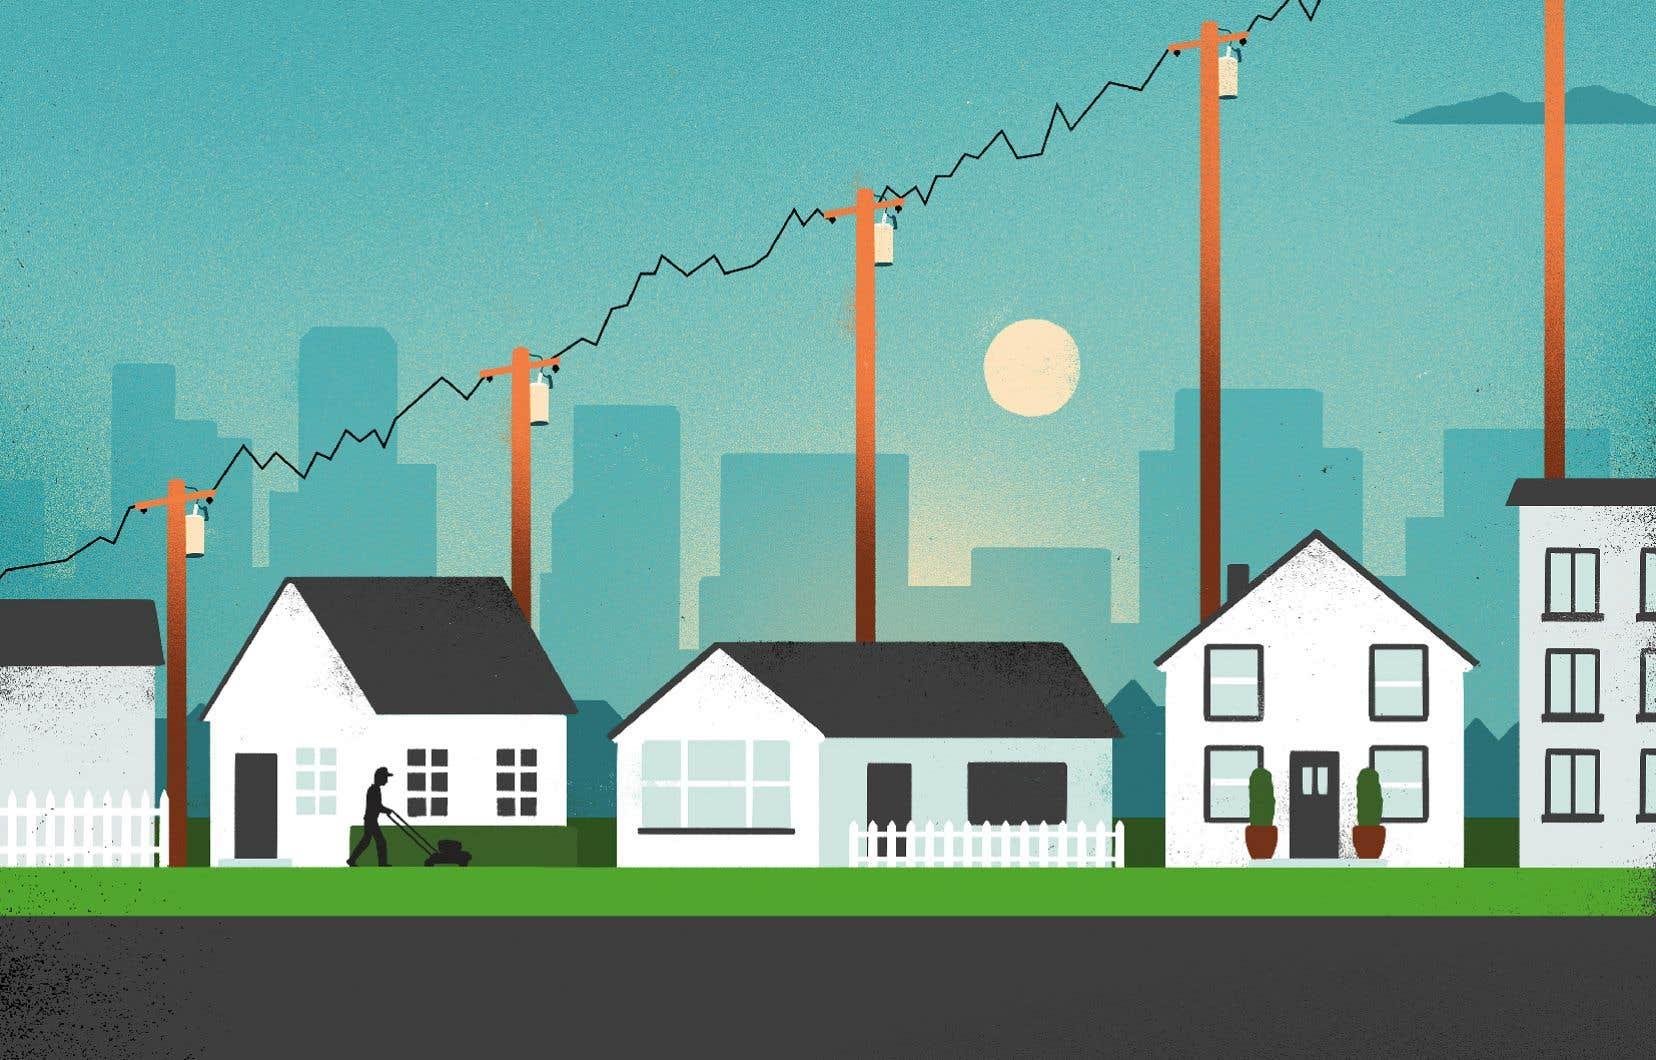 Selon les experts, dans les prochaines années, le défi des Québécois sera davantage de réduire leur consommation énergétique par habitant, qui est astronomique.